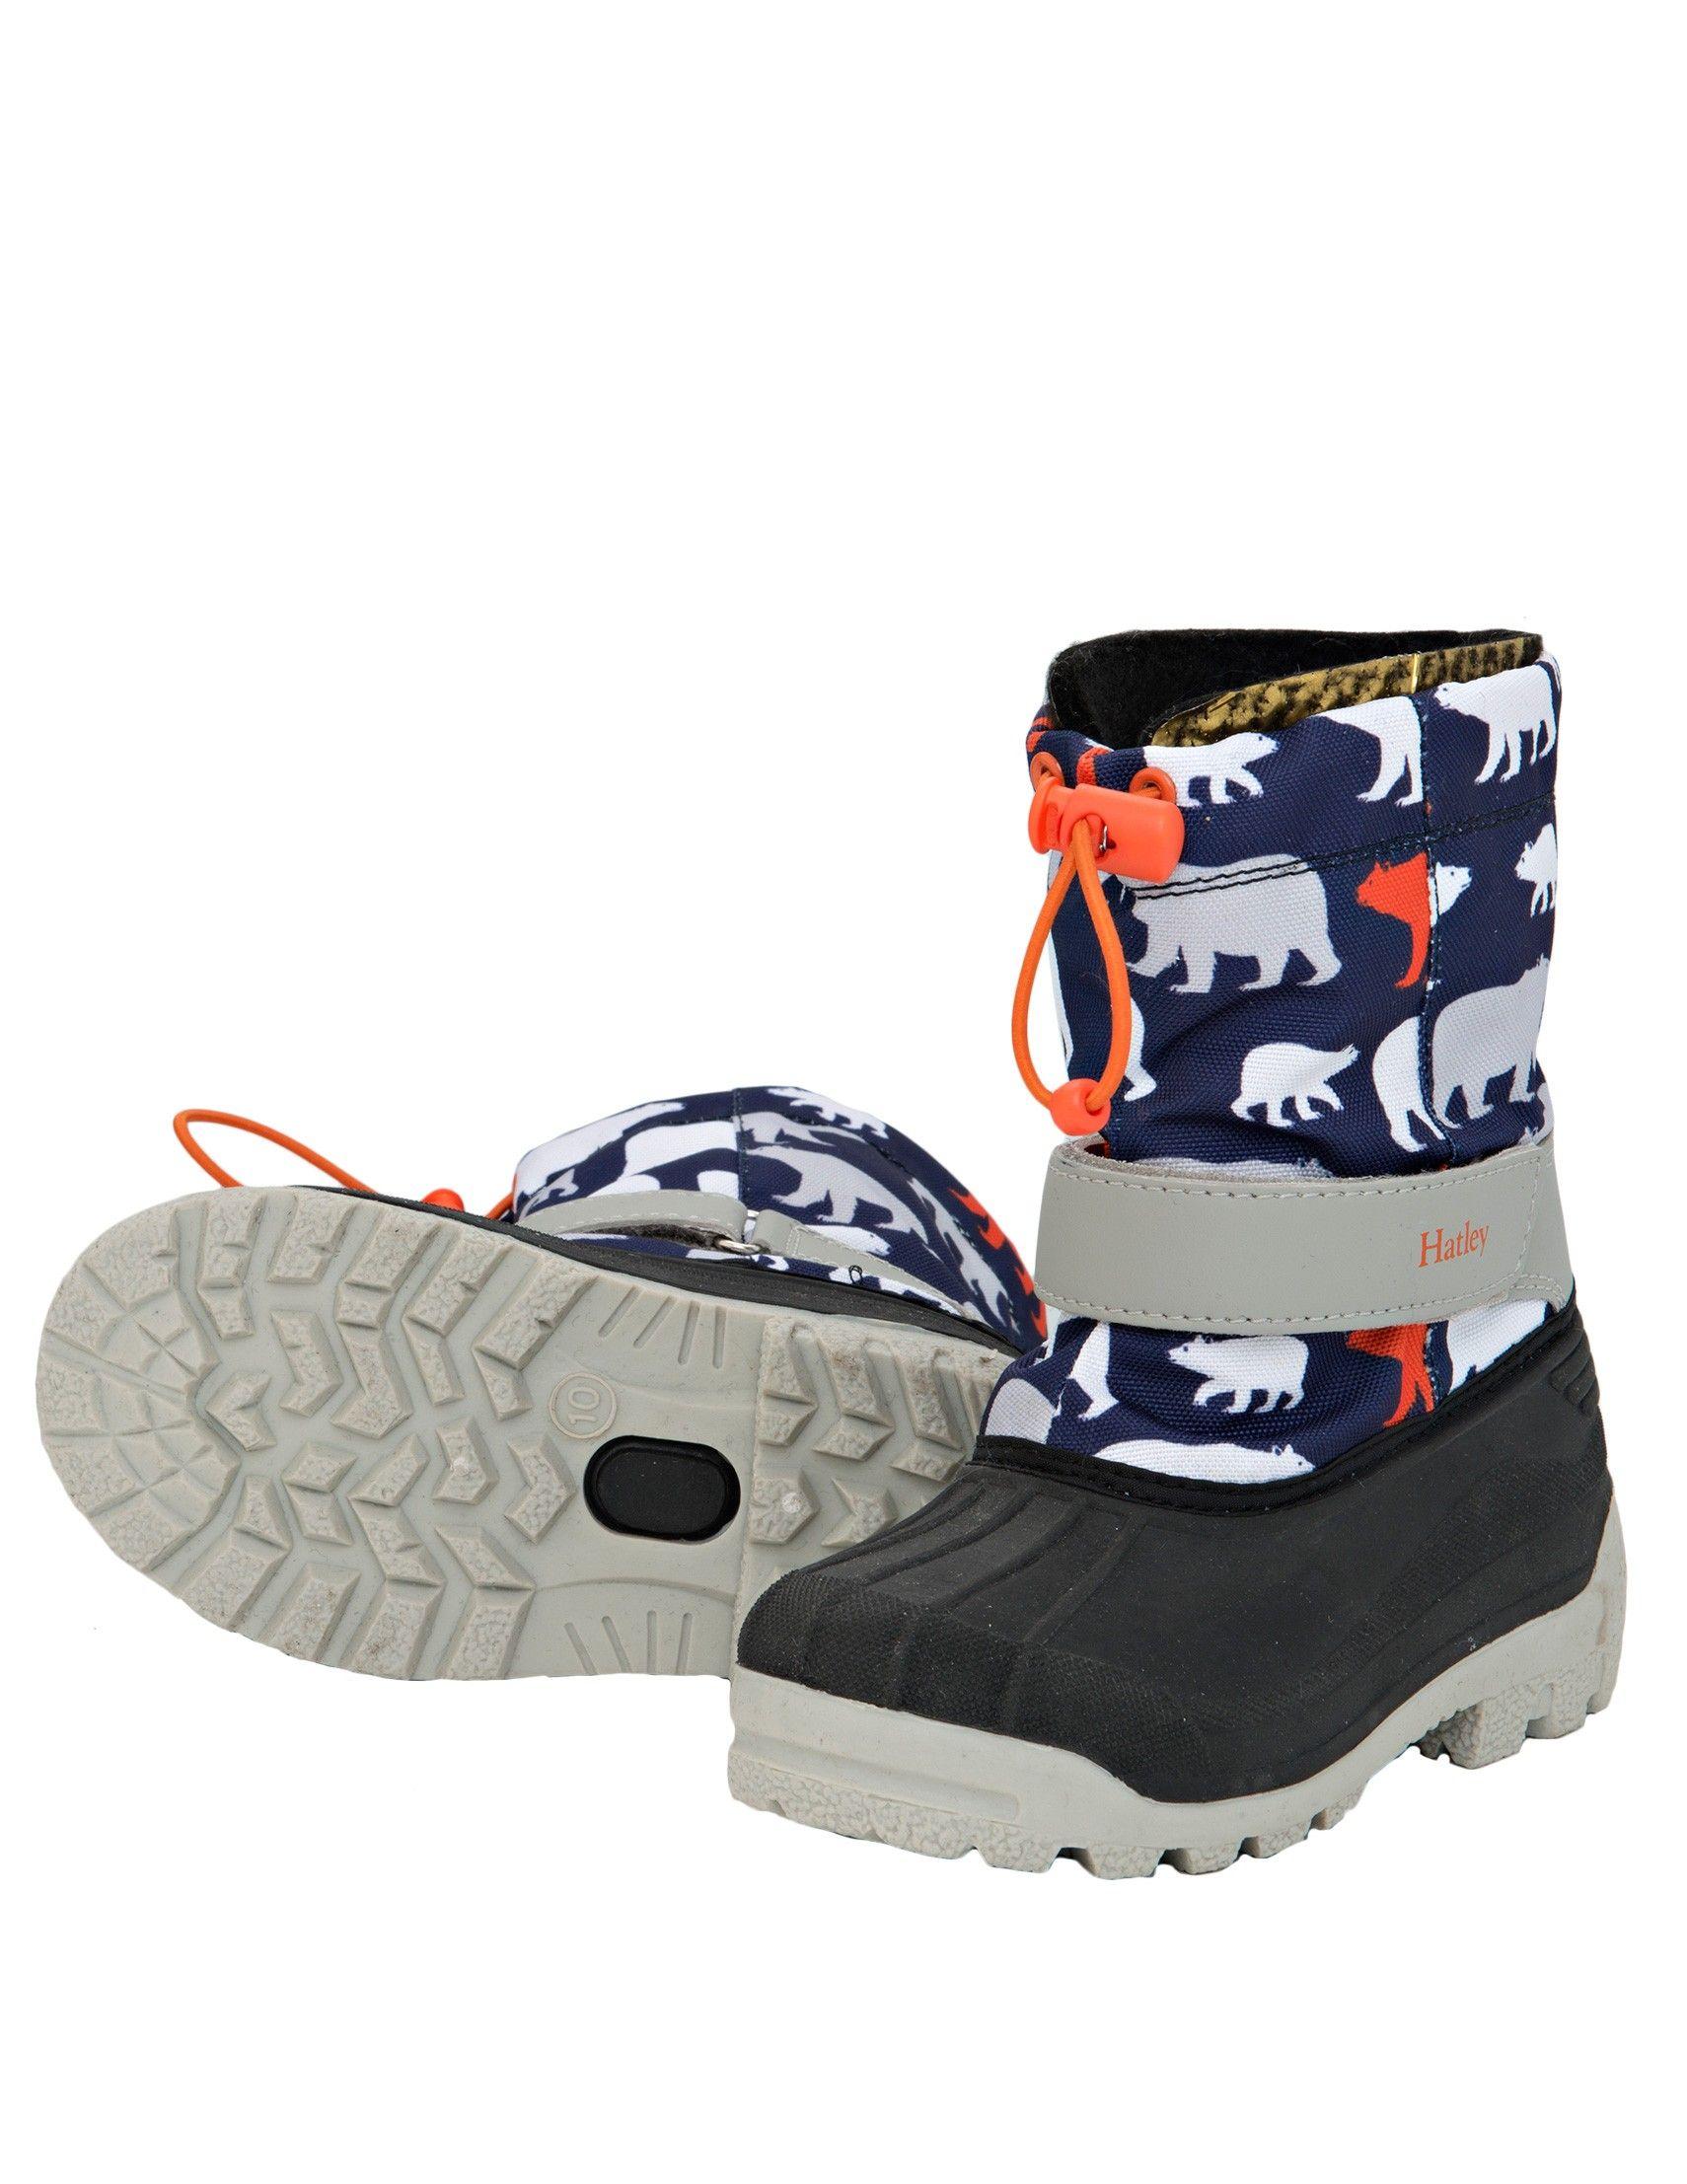 404 Not Found 1 Winter Boots Polar Bear Winter Winter Boot